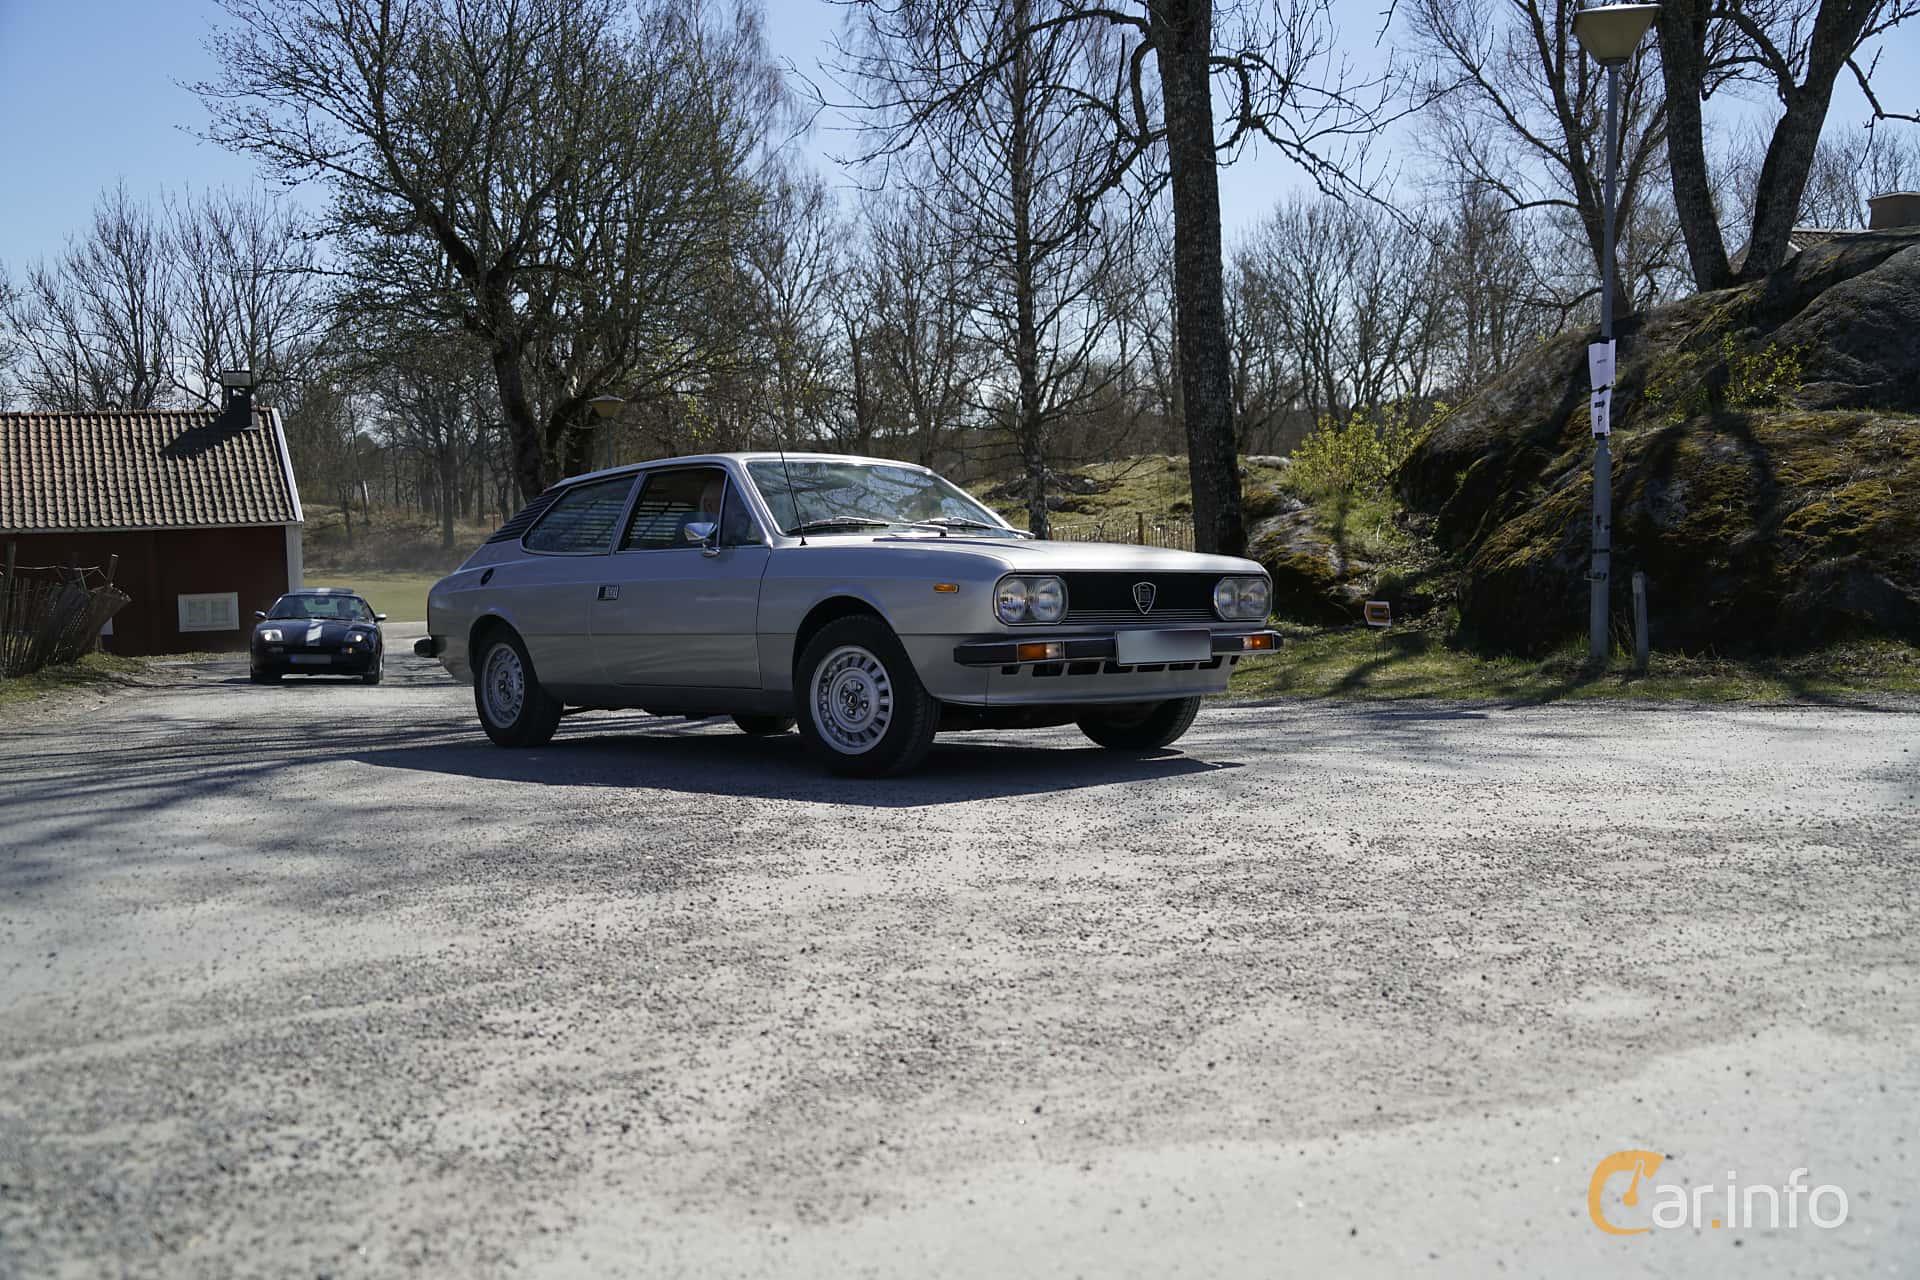 https://s.car.info/image_files/1920/lancia-beta-hpe-front-side-italienska-fordonstraffen-wenngarn-2017-2-364507.jpg